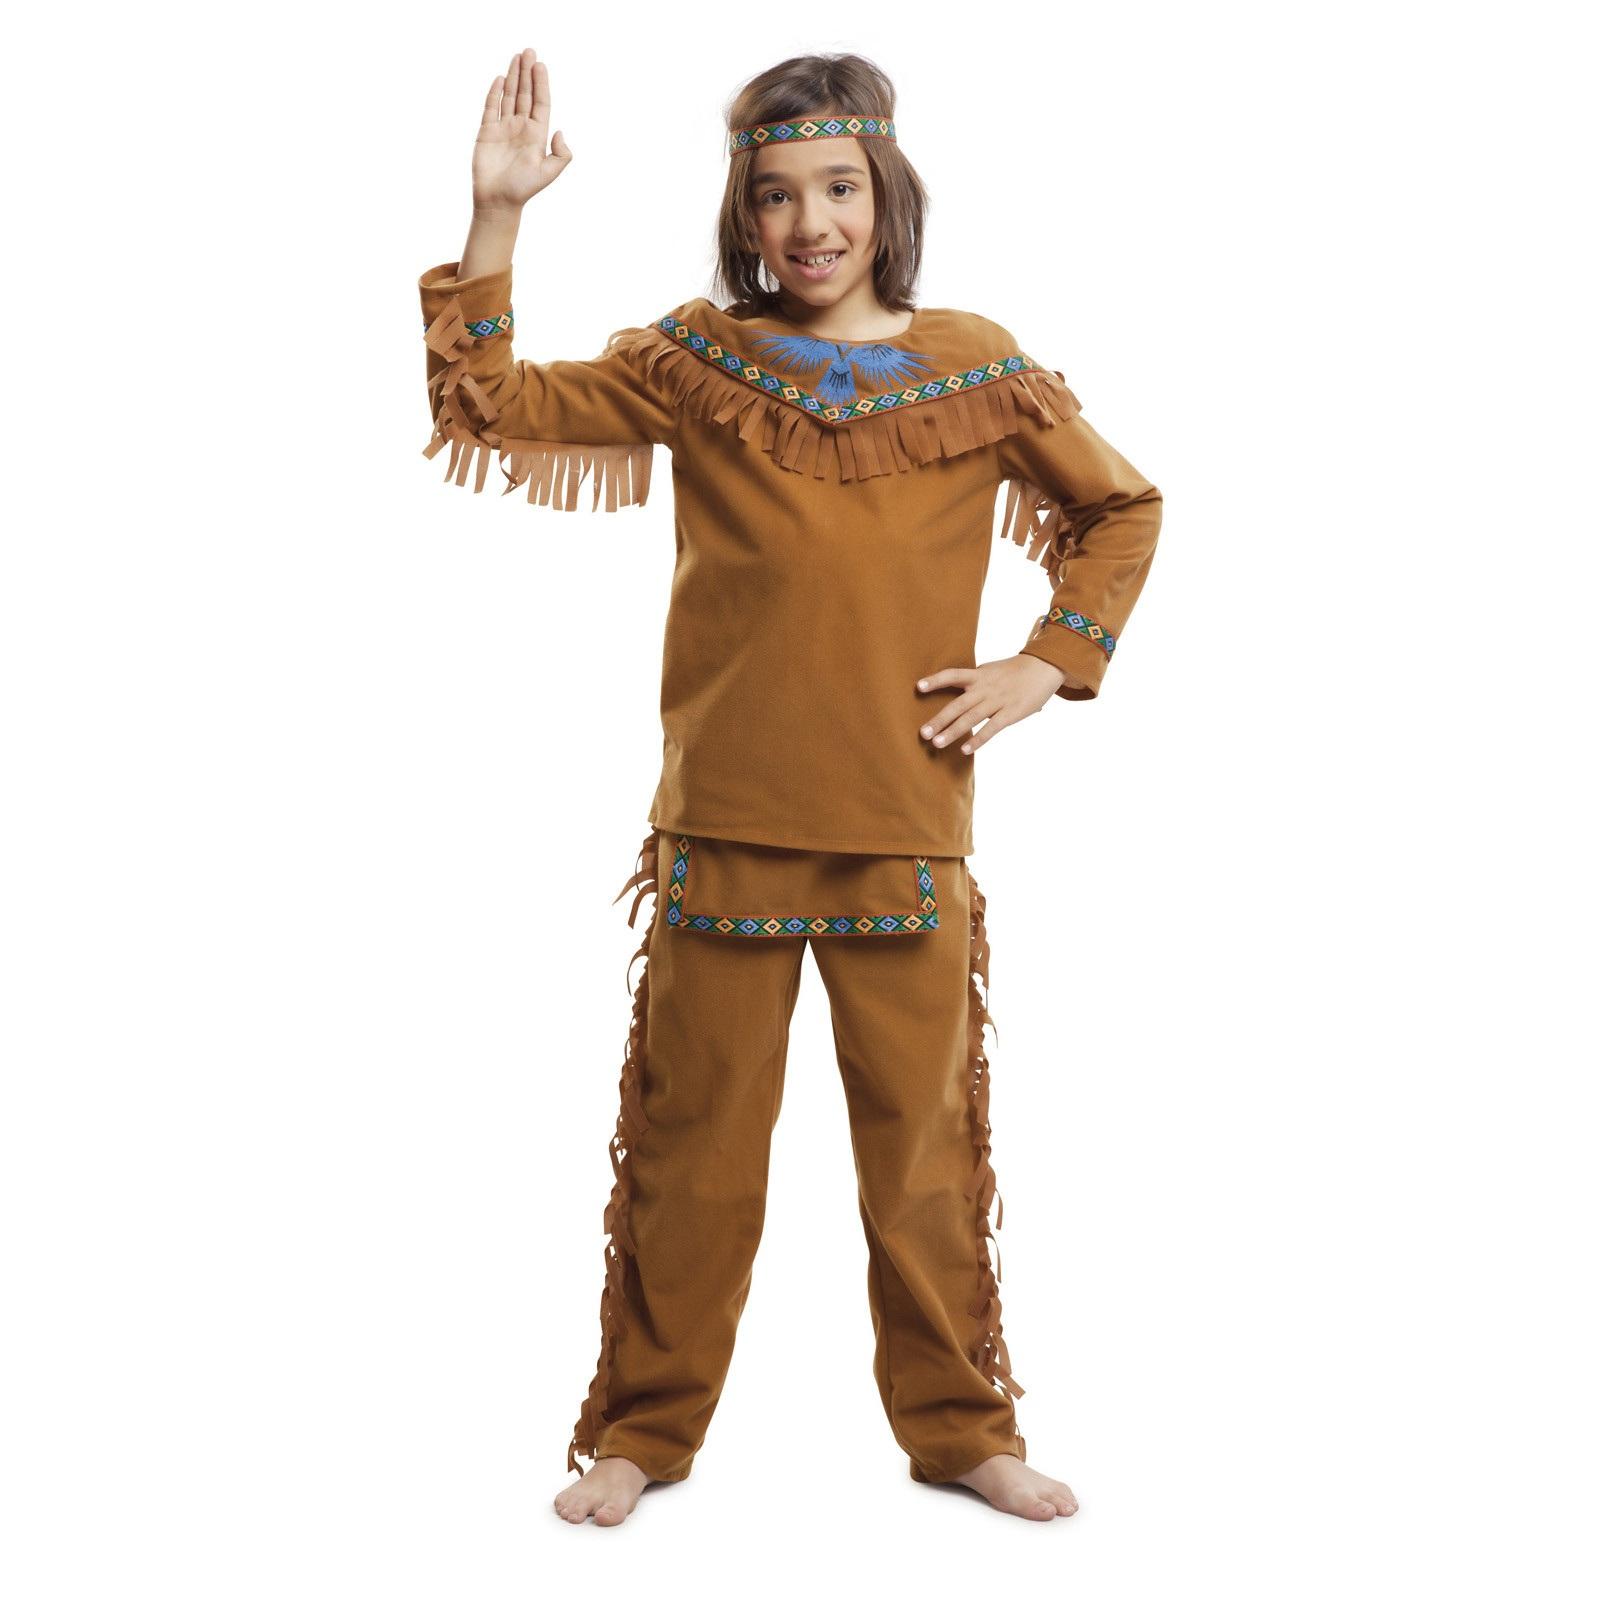 disfraz índio marrón bebé niño 203393mom - DISFRAZ DE INDIO MARRON BEBE NIÑO